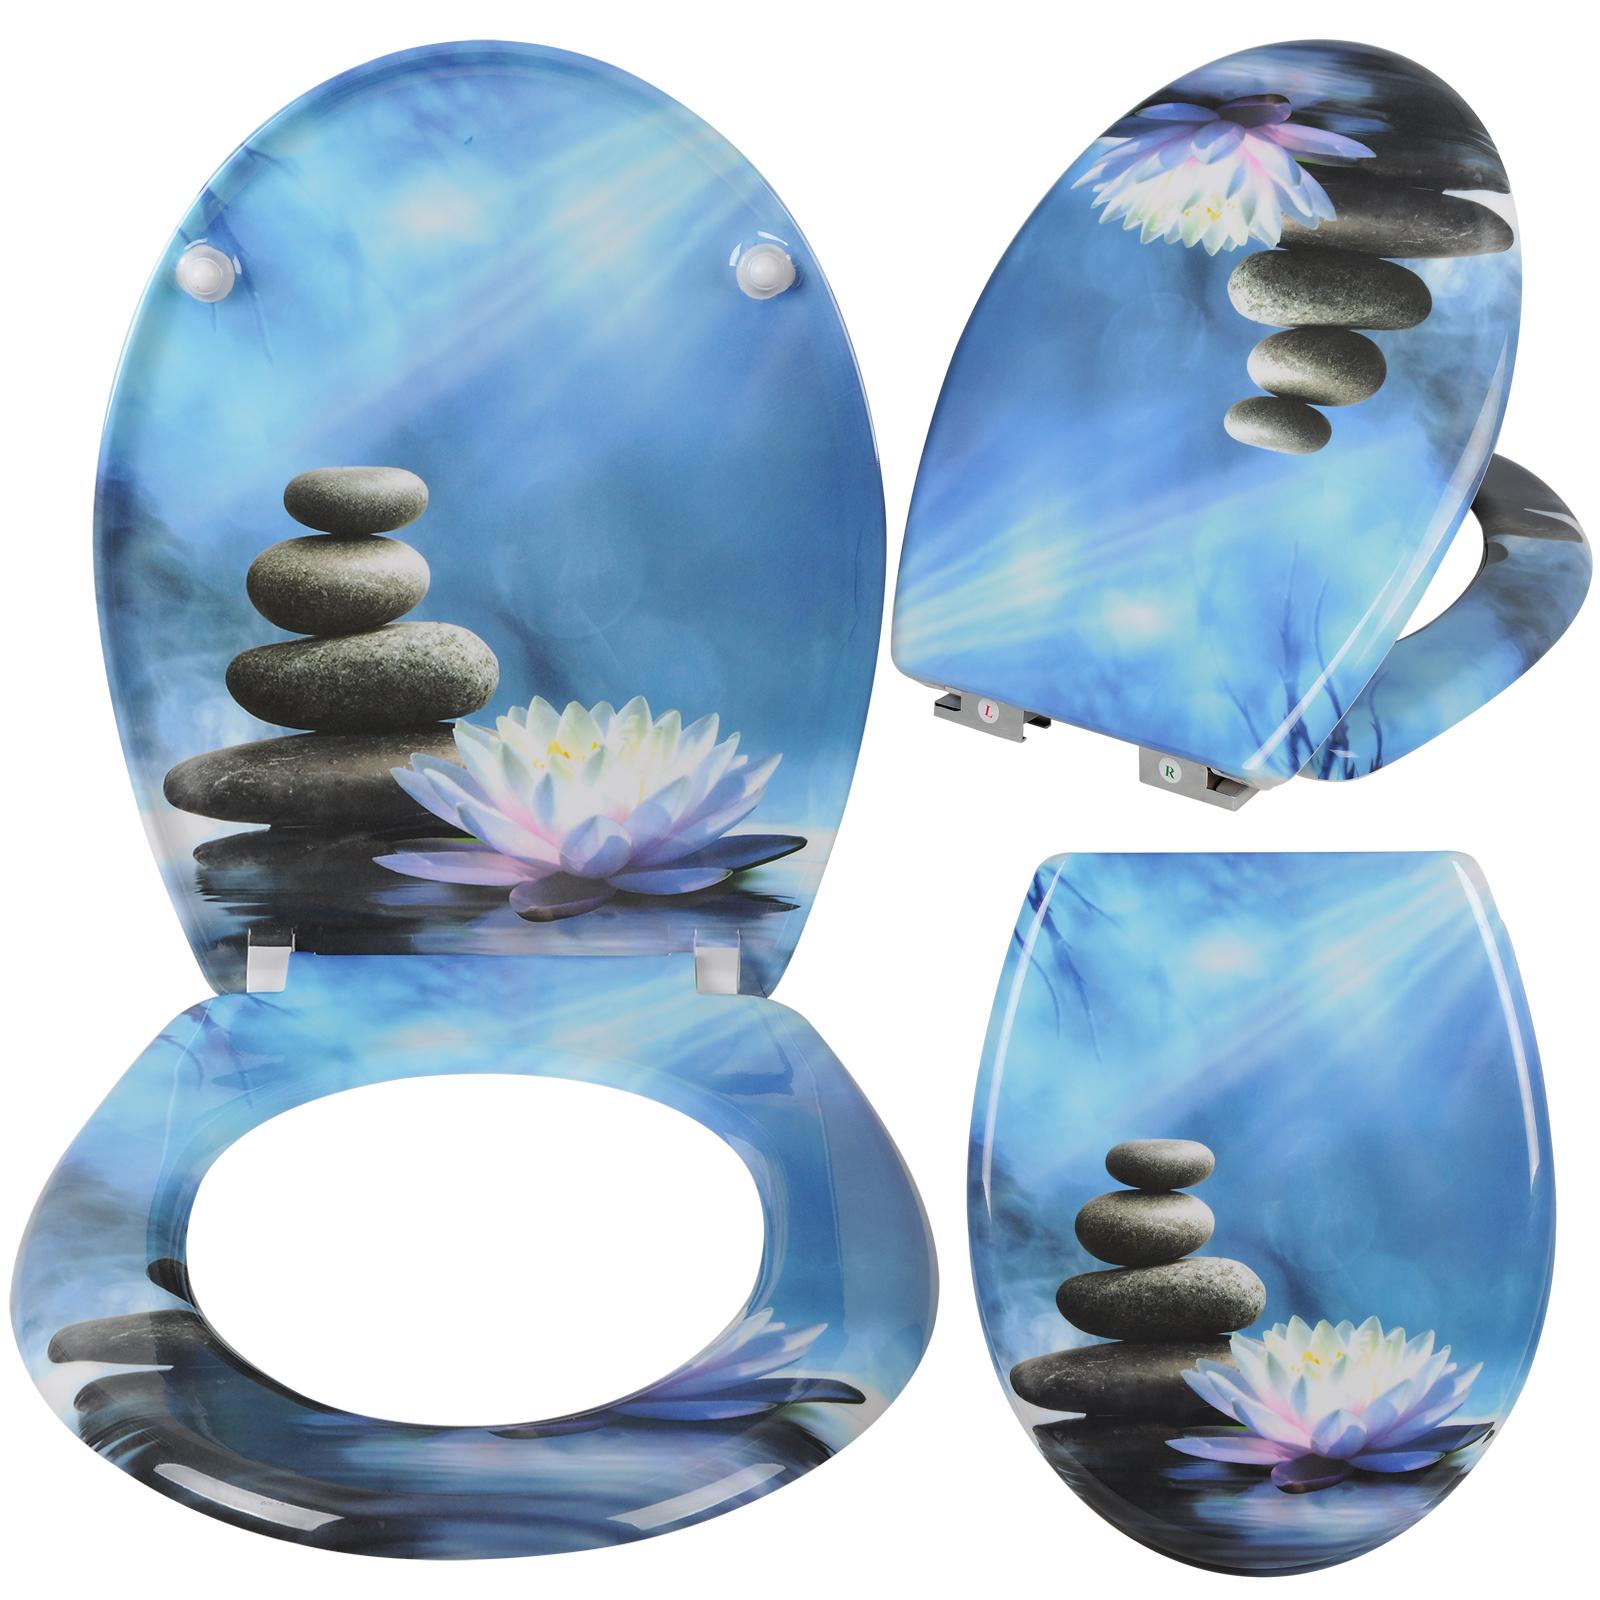 toilettensitz wc sitz klodeckel klobrille wc deckel toilettendeckel blau 165 ebay. Black Bedroom Furniture Sets. Home Design Ideas